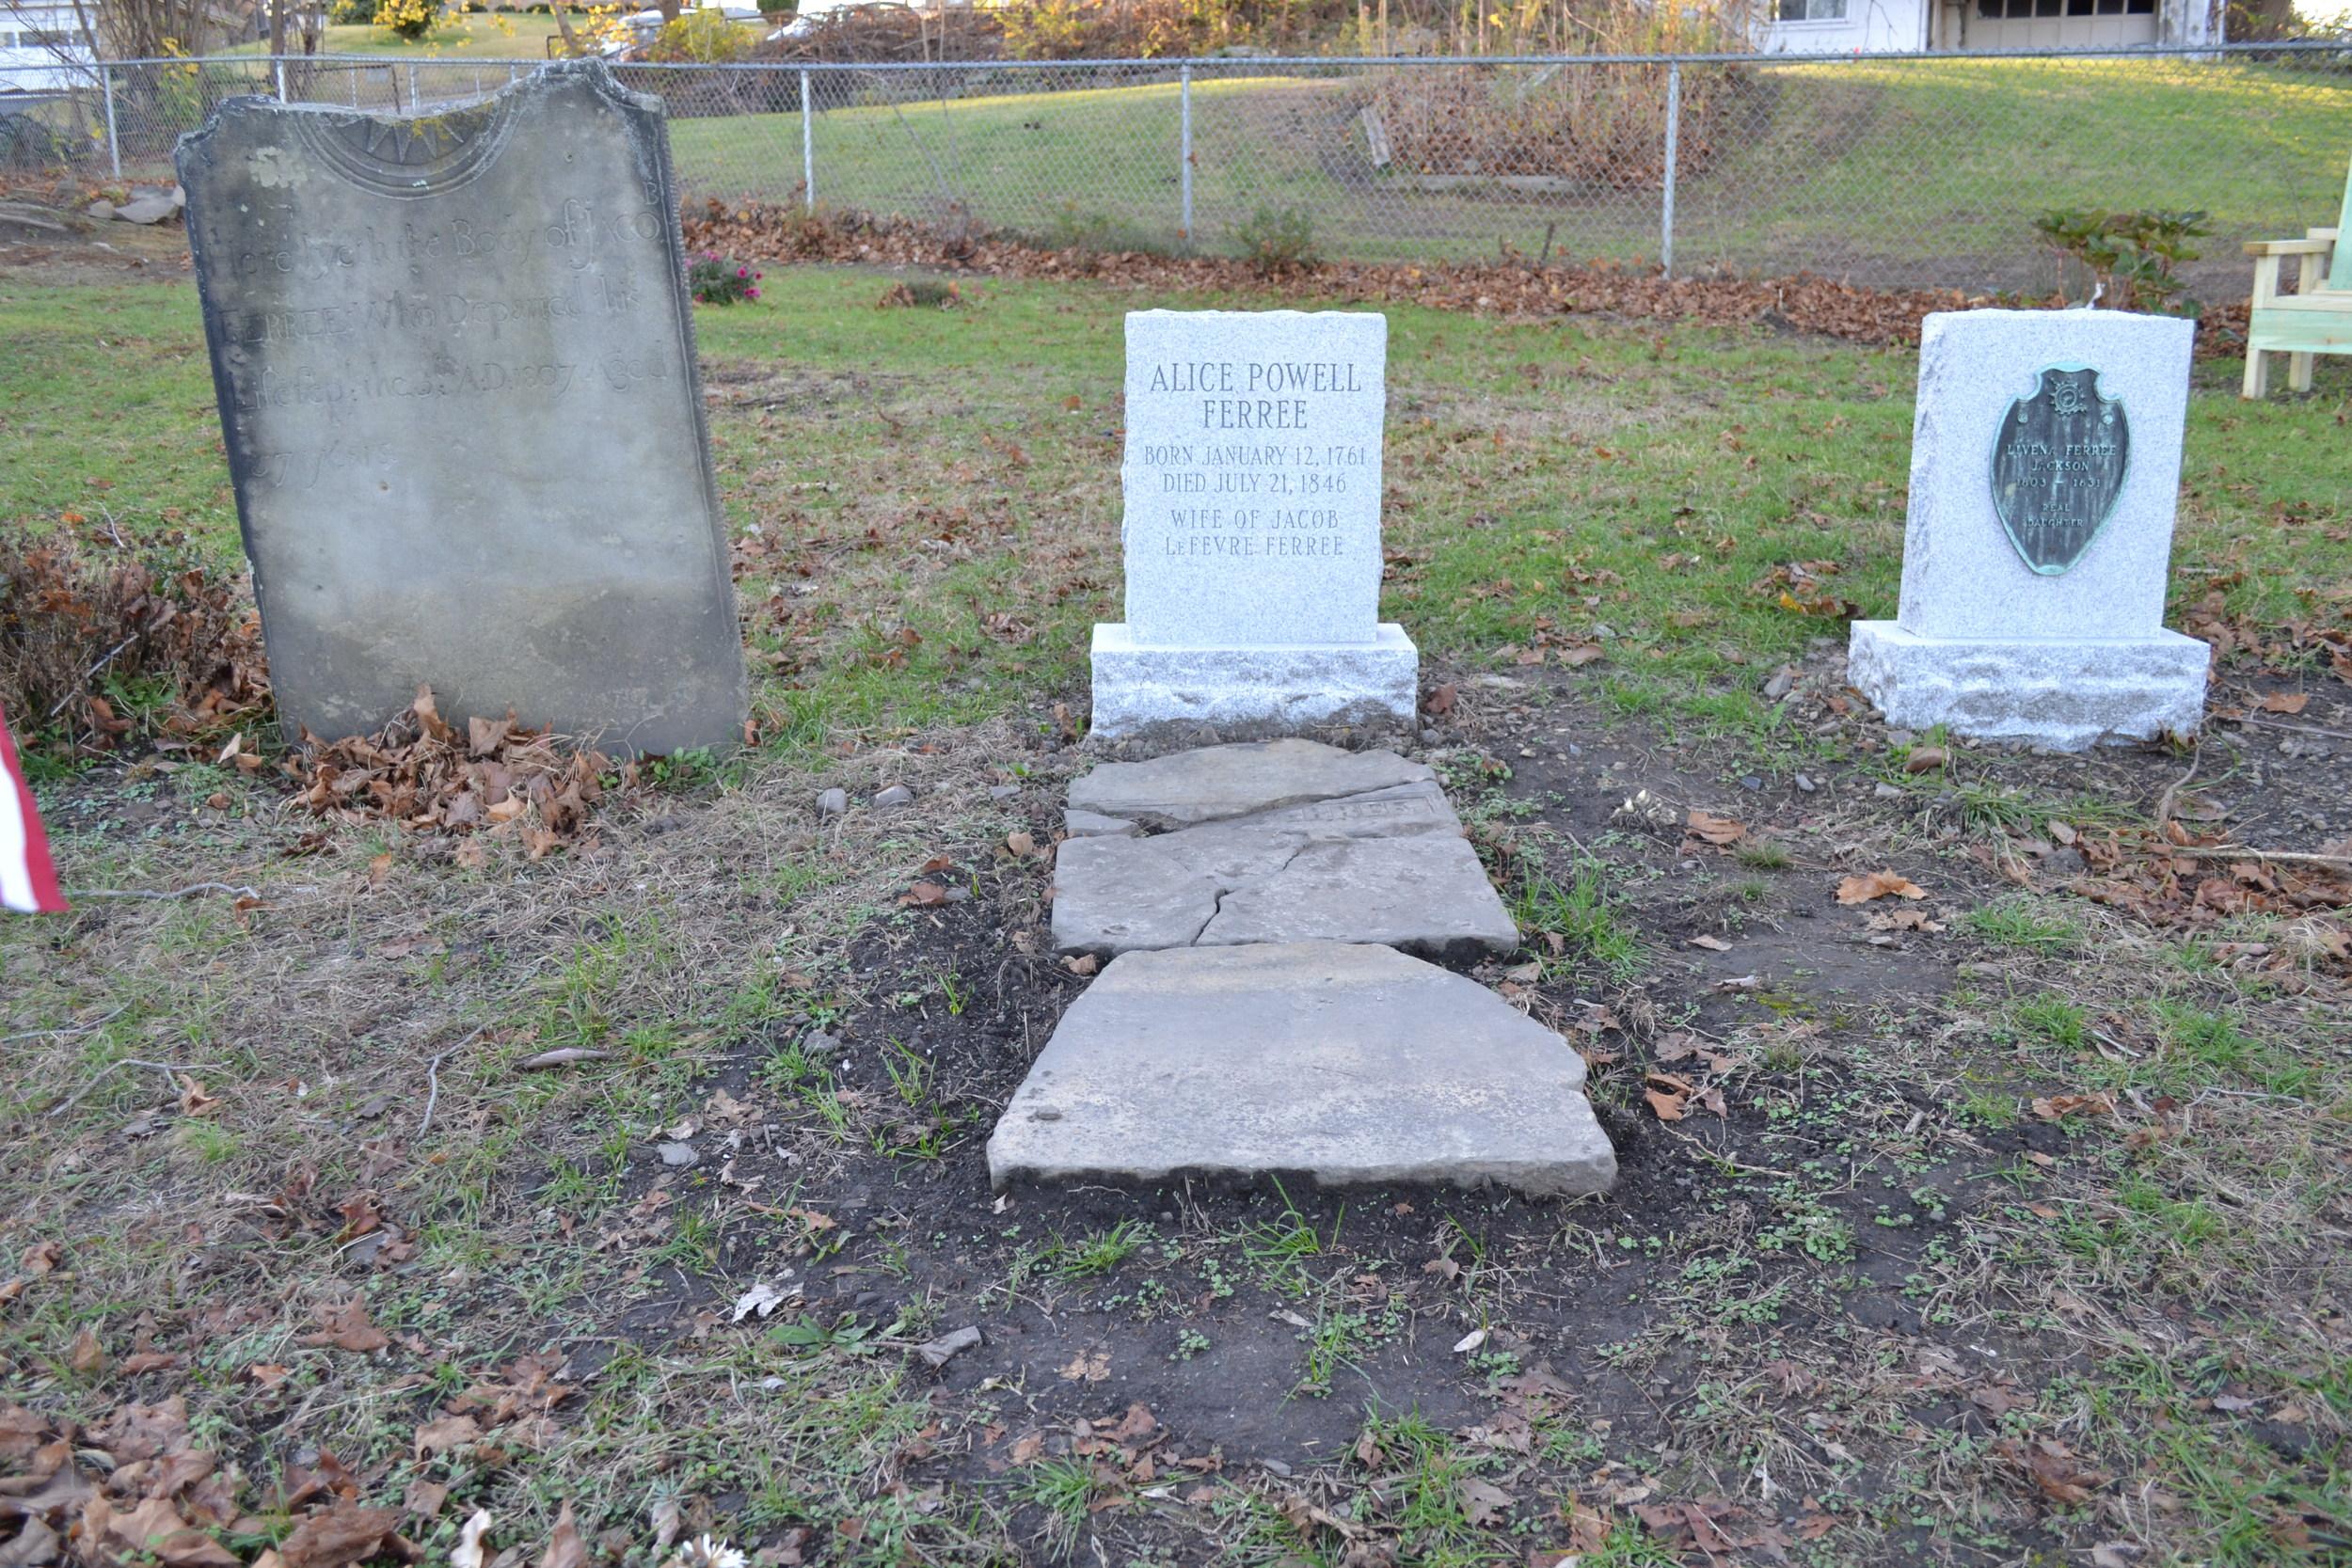 Ferree Cemetery in Coraopolis, PA